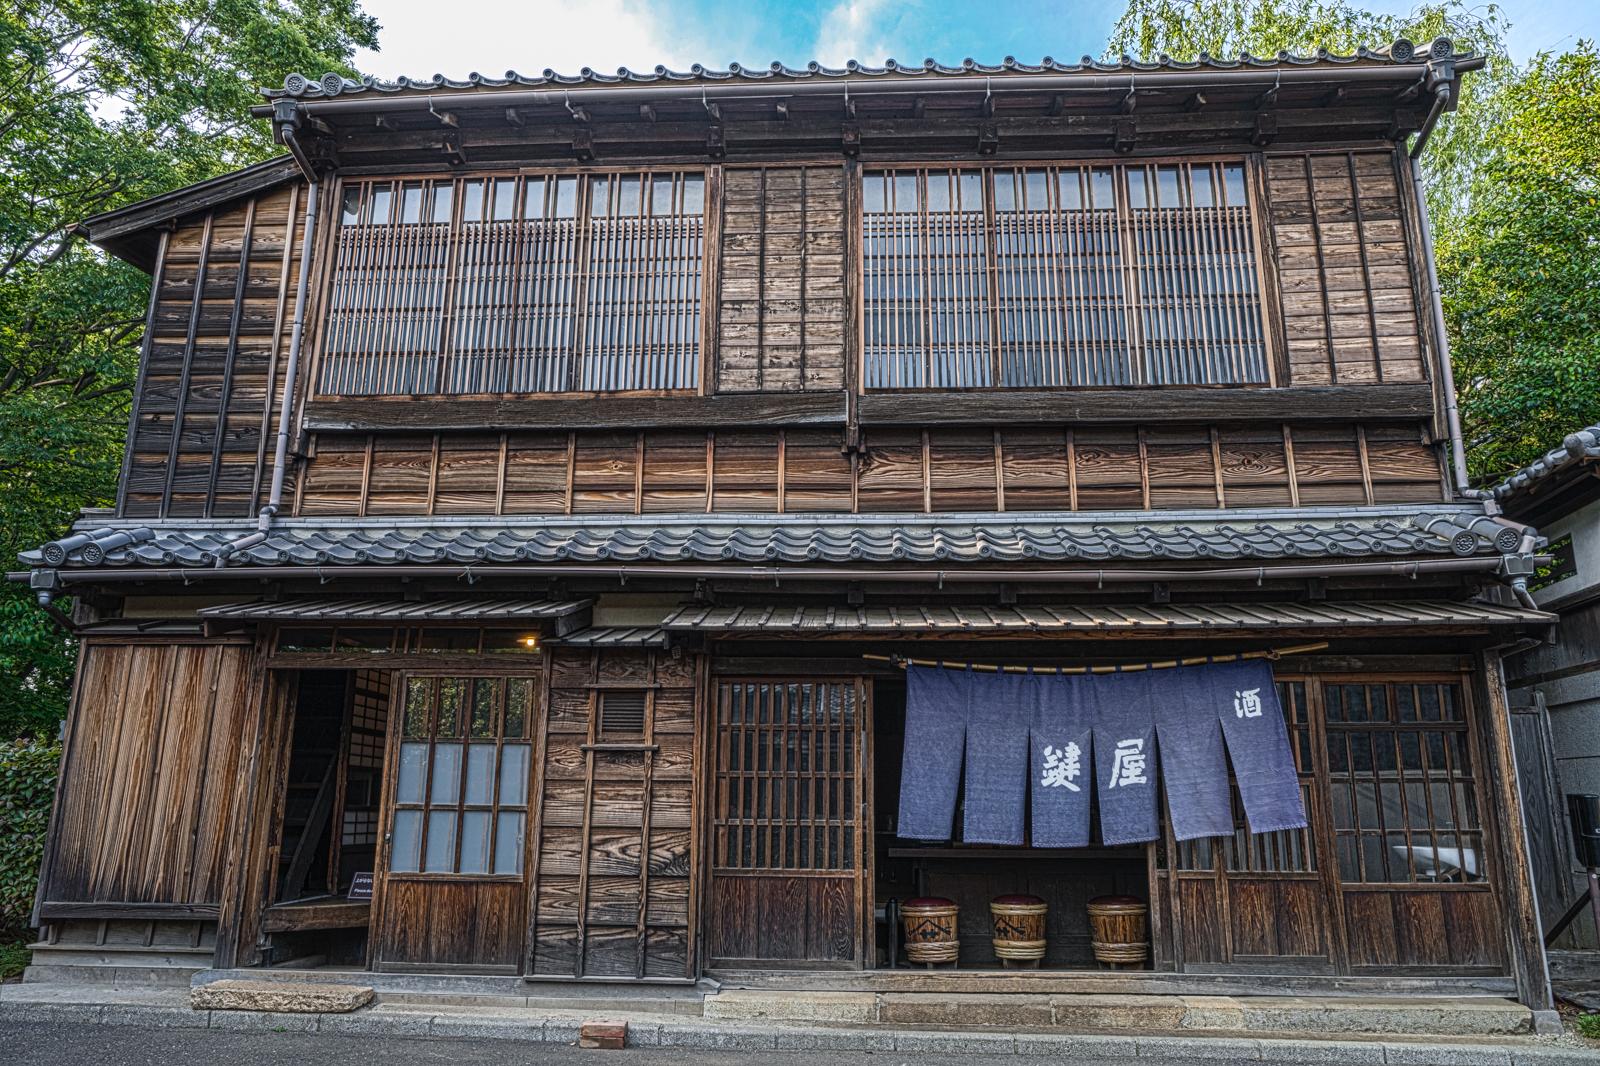 江戸東京たてもの園、鍵屋(居酒屋)を正面から撮影したHDR写真